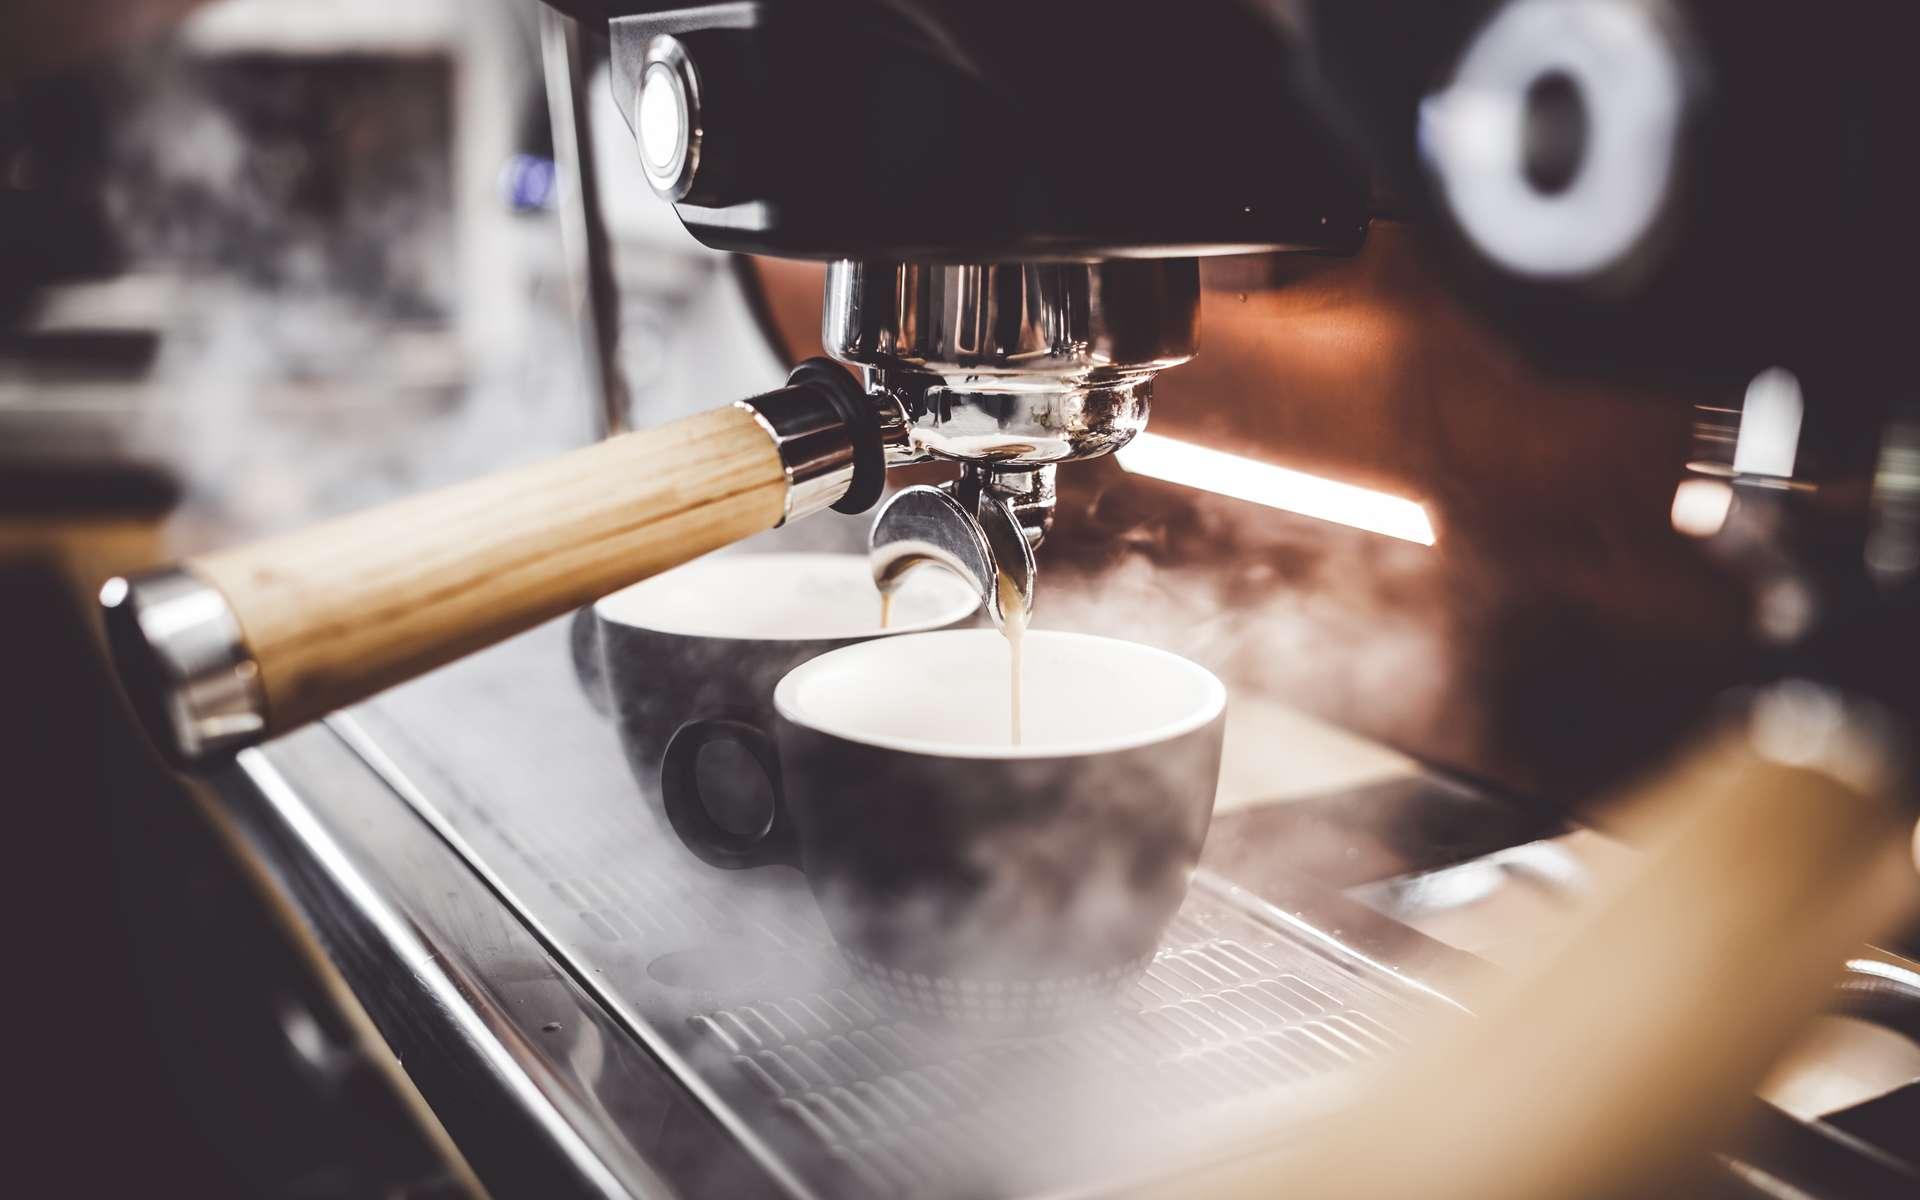 Un entretien régulier pour garder sa machine plus longtemps. © leszekglasner, Adobe Stock